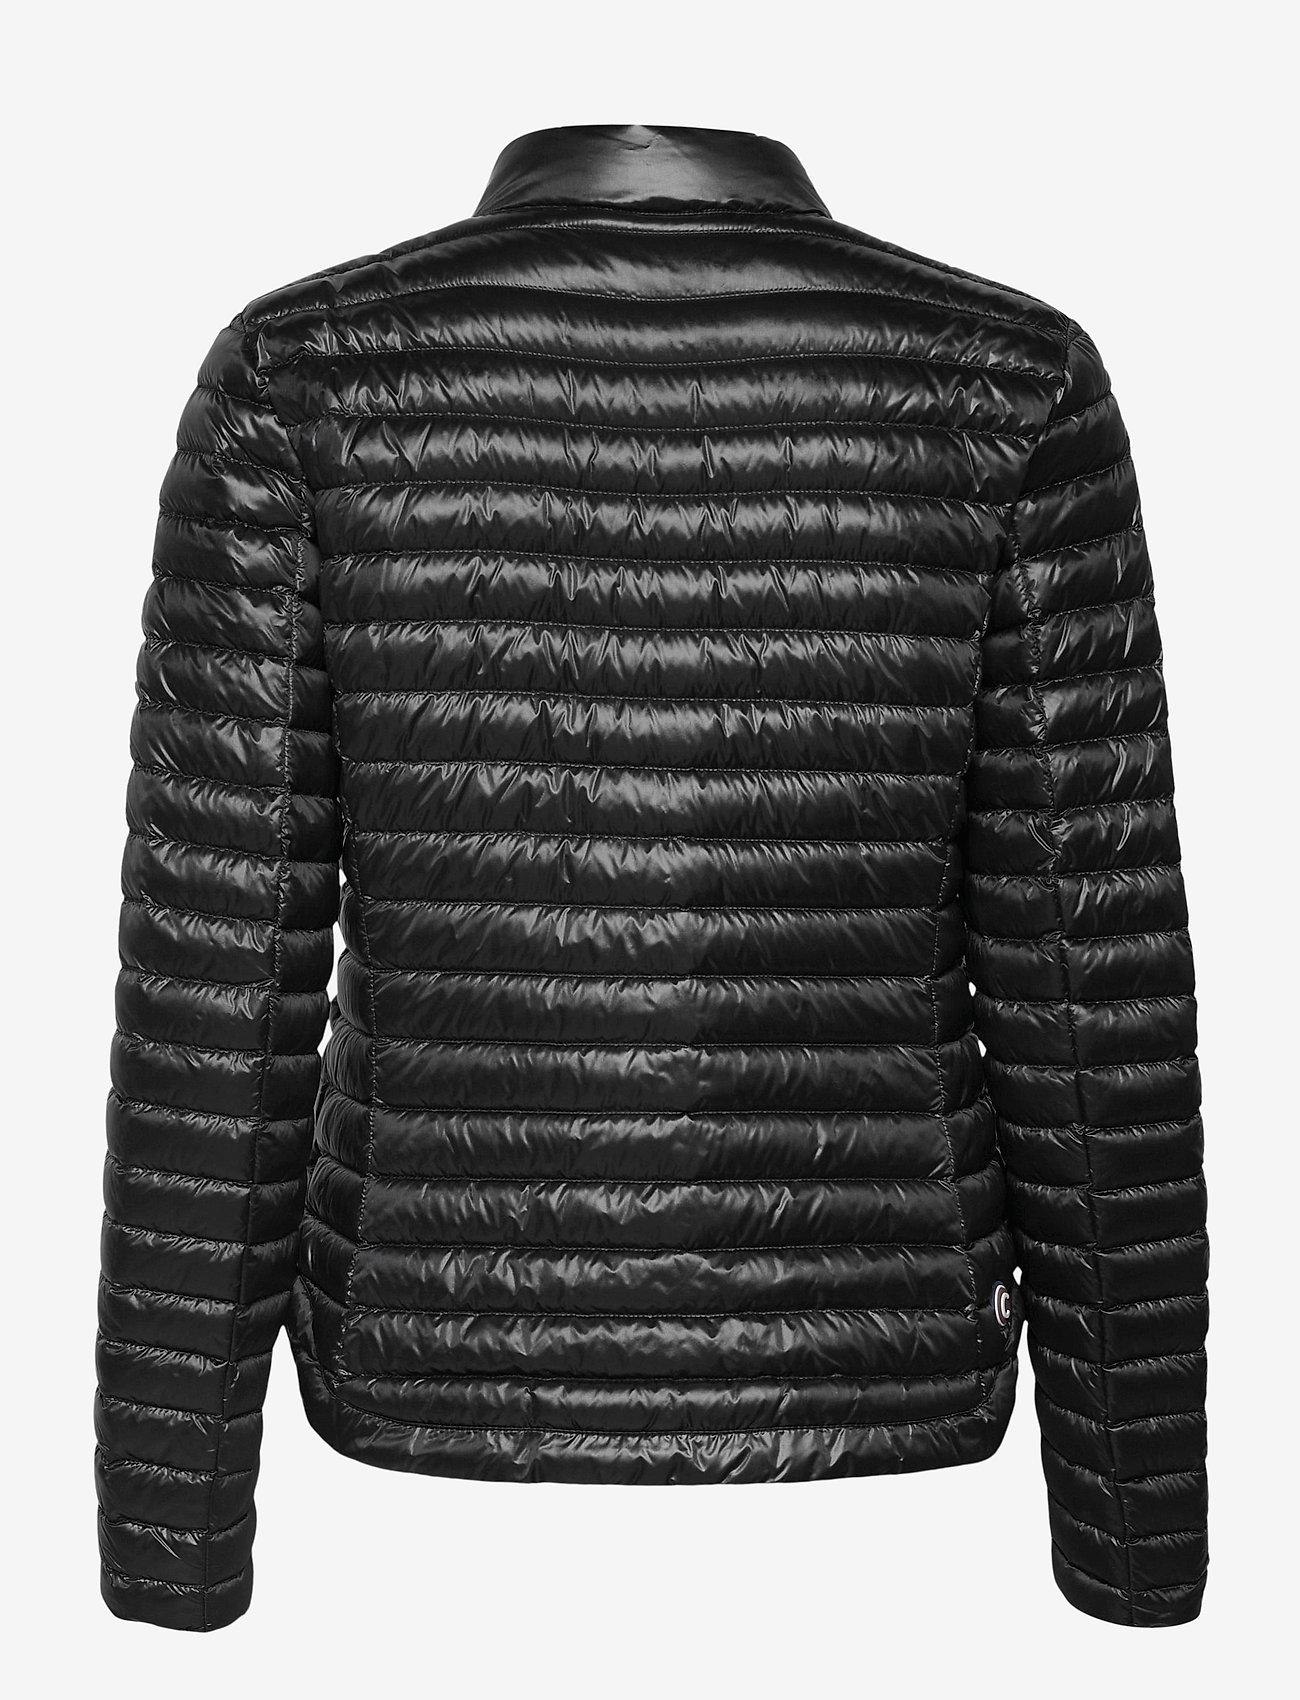 Colmar - LADIES DOWN JACKET - down- & padded jackets - dark black - 1